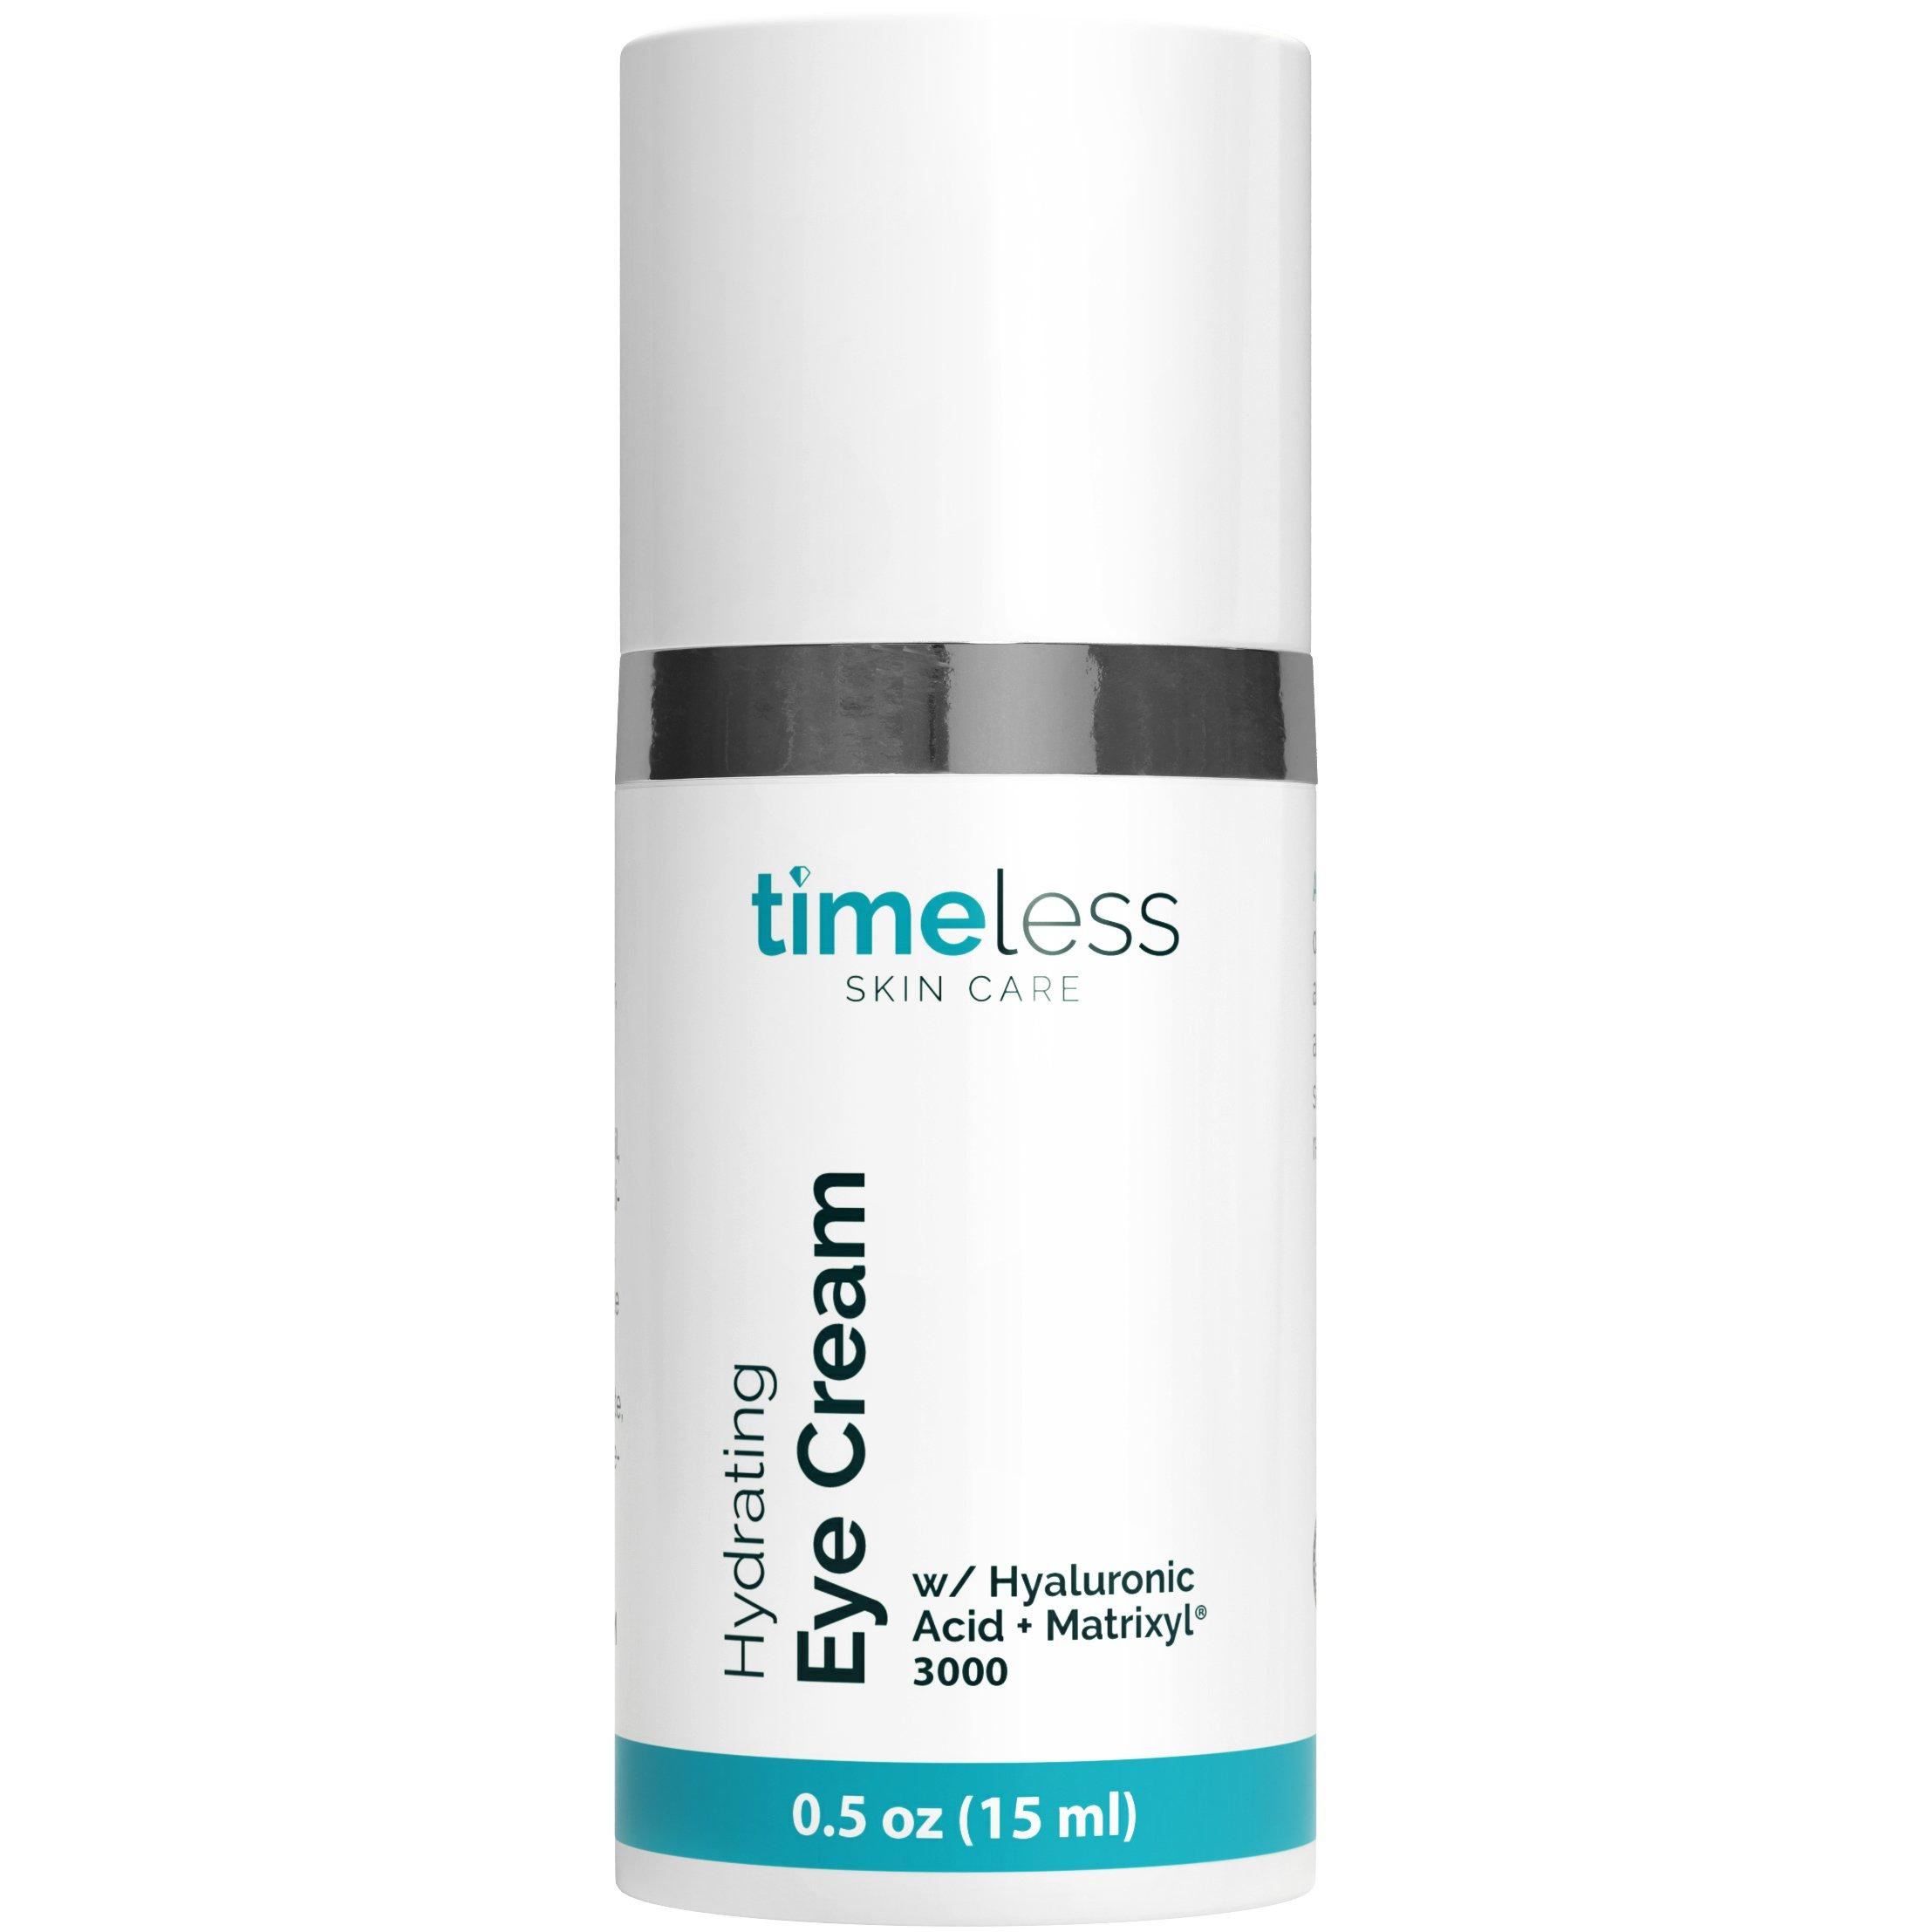 Timeless Skin Care Увлажняющий крем для кожи вокруг глаз 15 мл фото